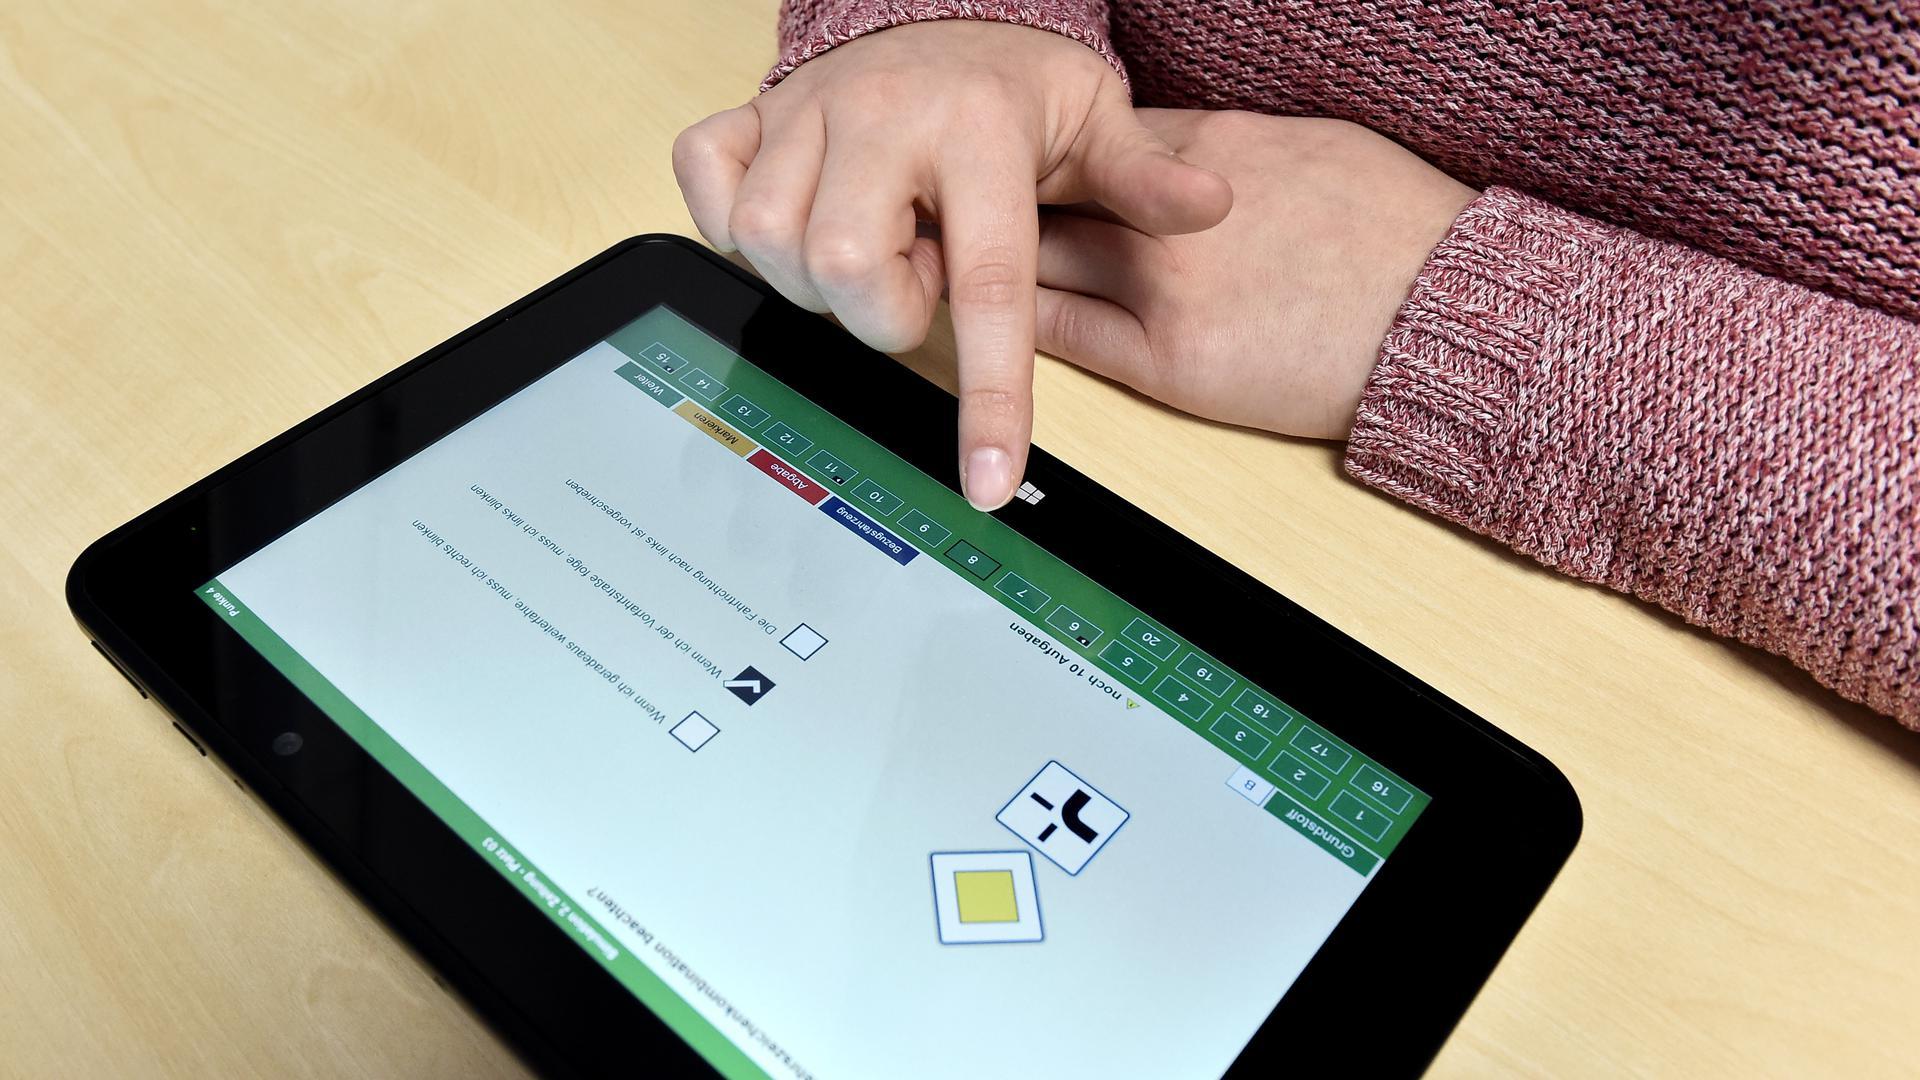 Dreißig Fragen aus unterschiedlichsten Themengebieten: Auf dem Tablet müssen die Prüflinge aus allen Antwortmöglichkeiten die richtige(n) auswählen.